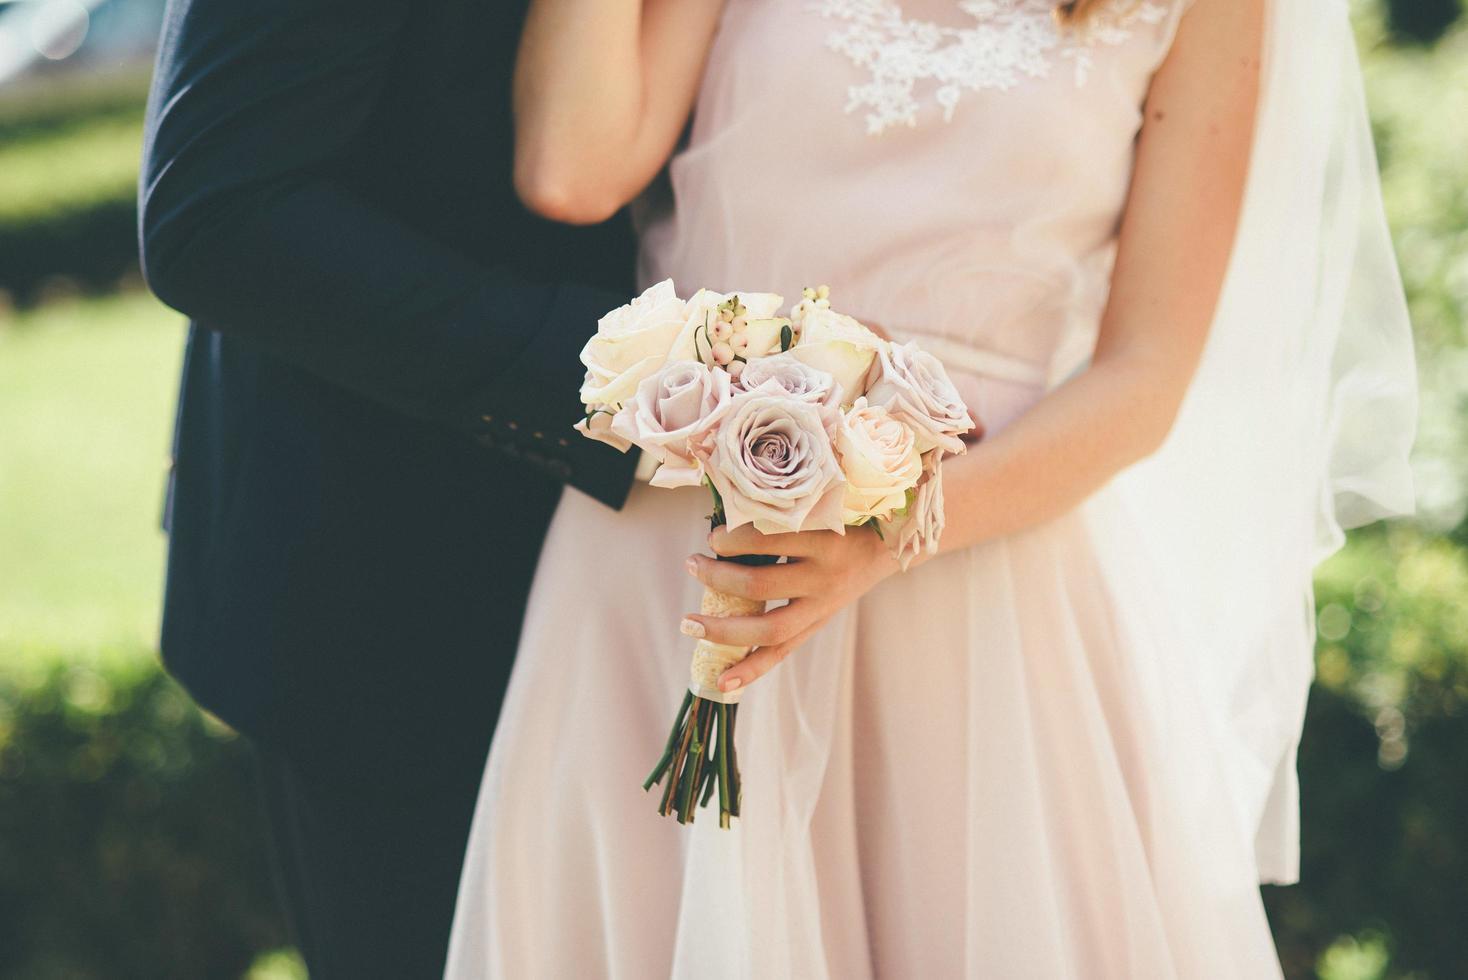 coppia sposata con bouquet rosa foto